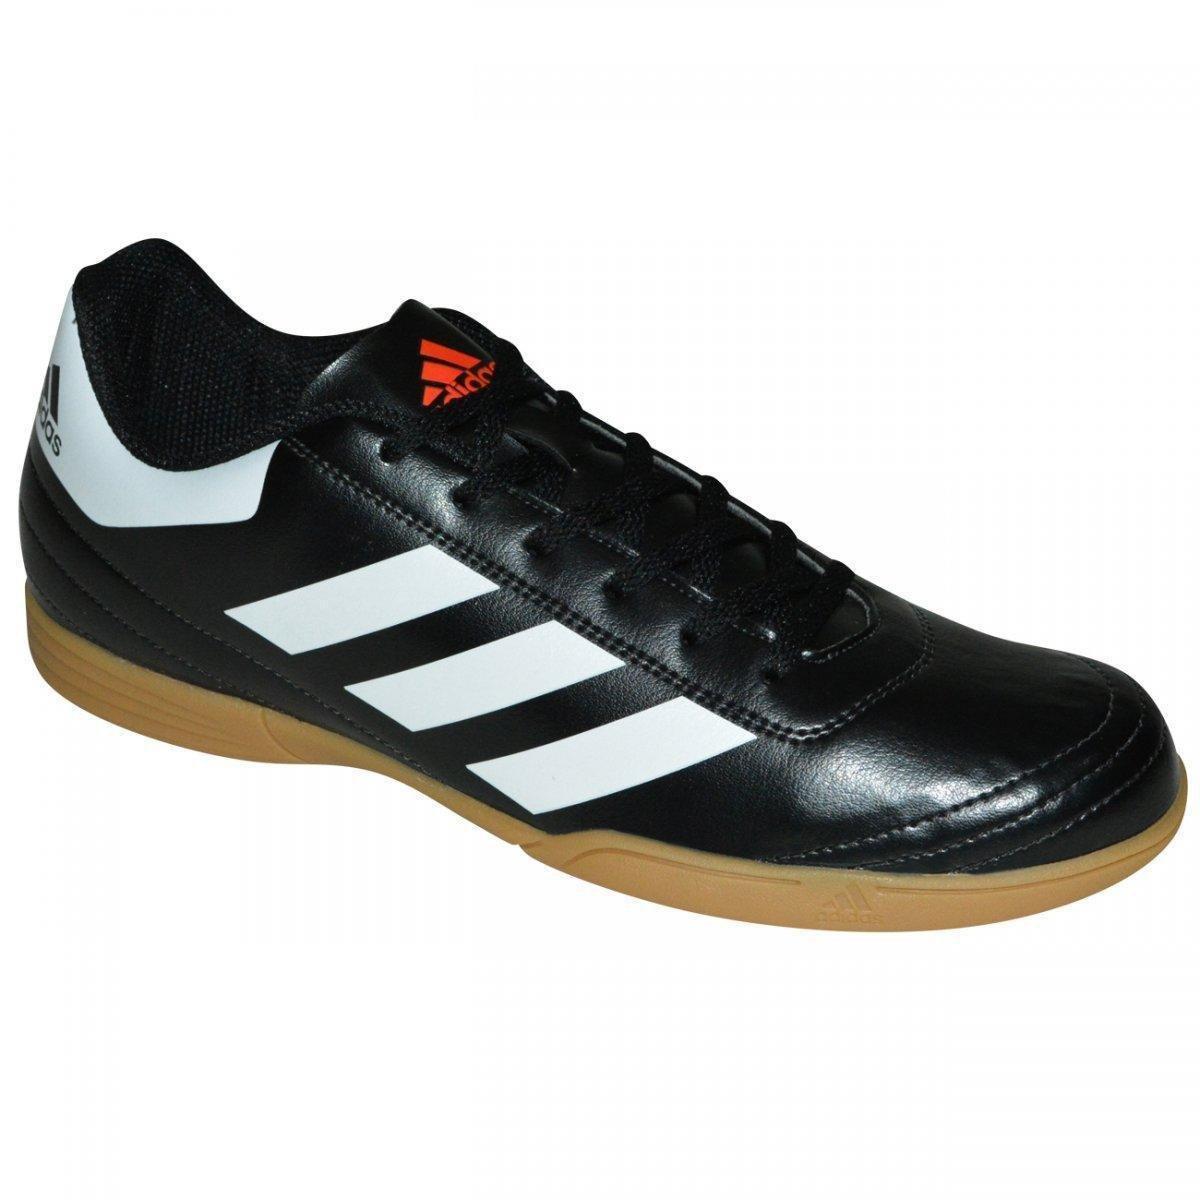 Chuteira Adidas Goletto VI IN - Compre Agora  cebc5a159e77b